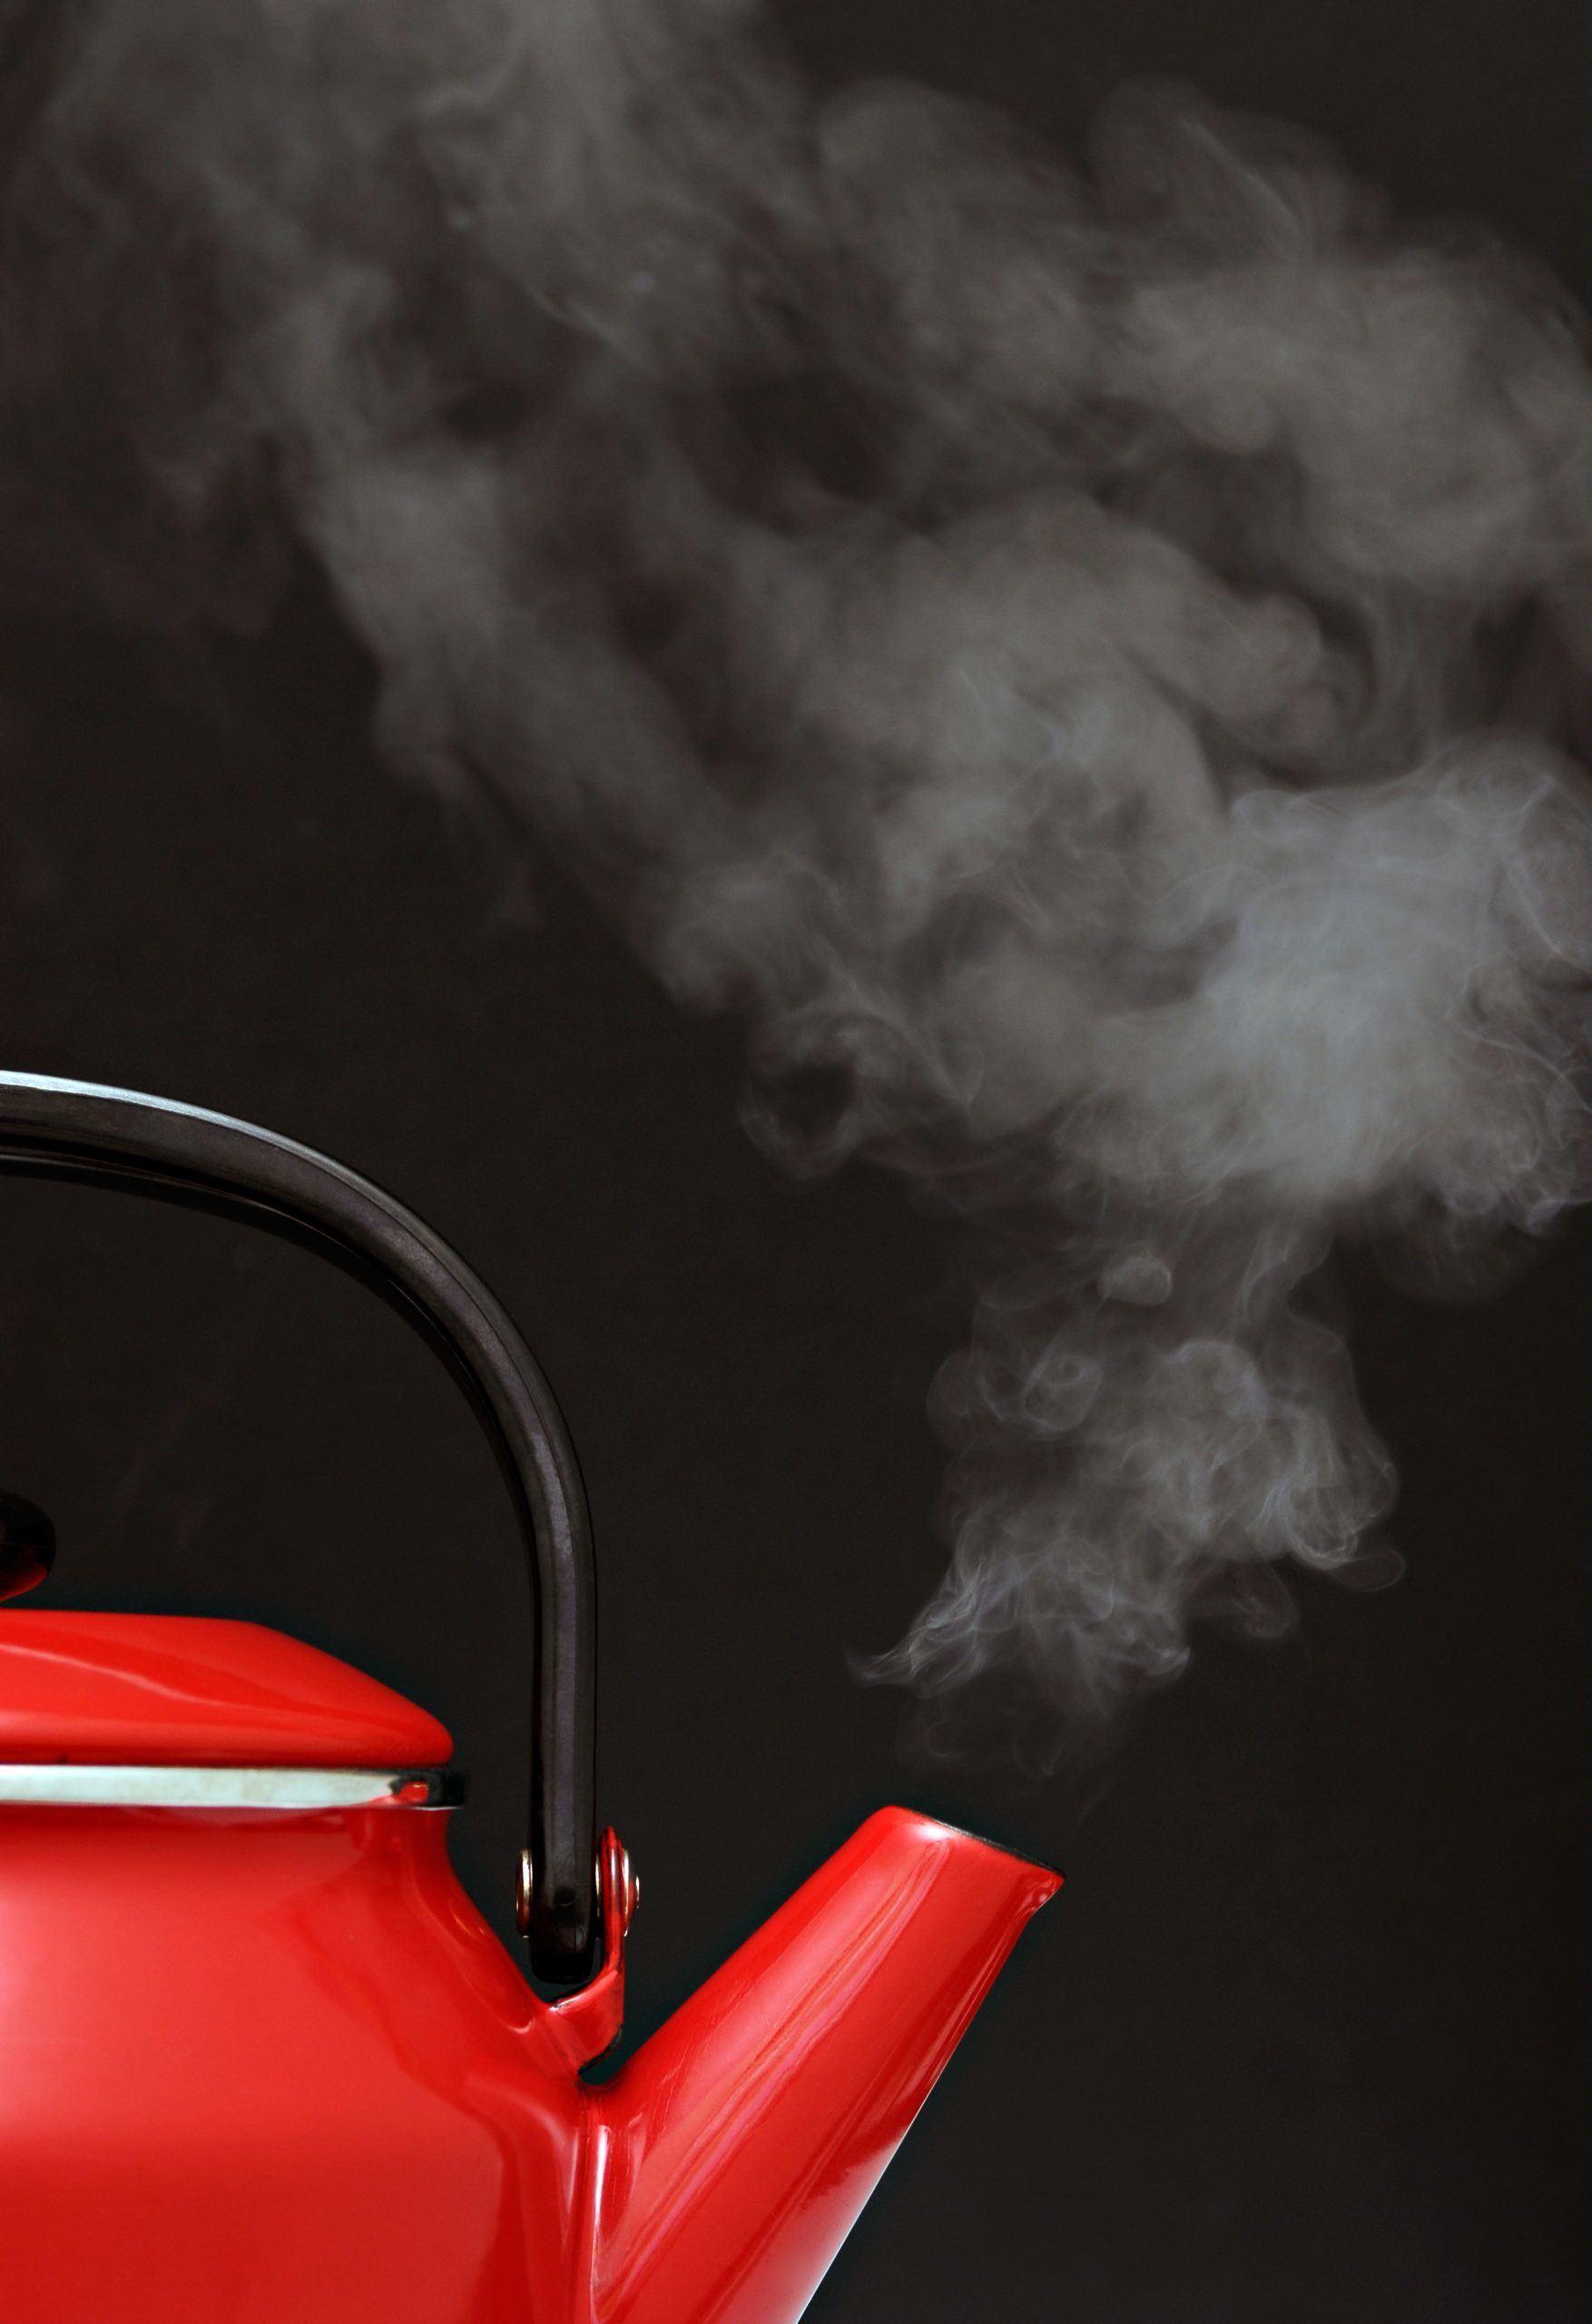 Tea kettle boiling water